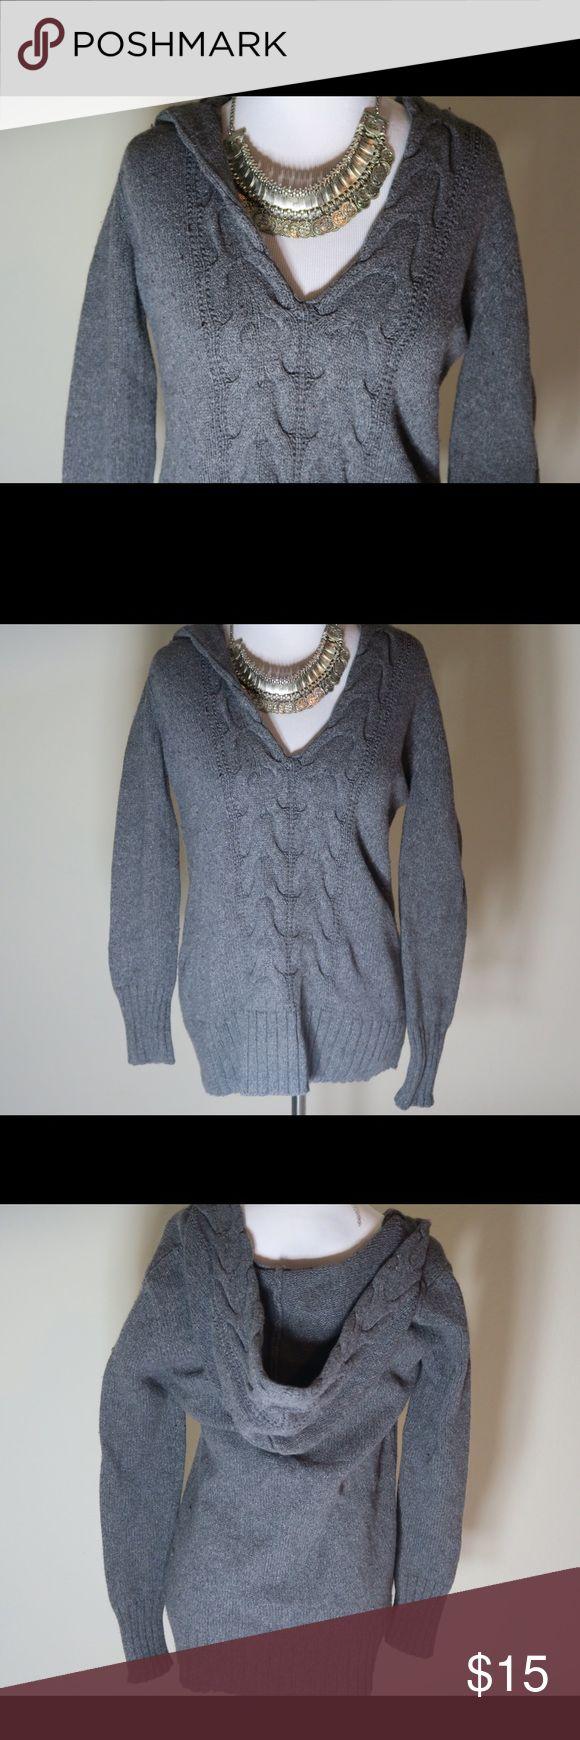 Grey Gray Old Navy Hoodie Size: medium. Old Navy Tops Sweatshirts & Hoodies